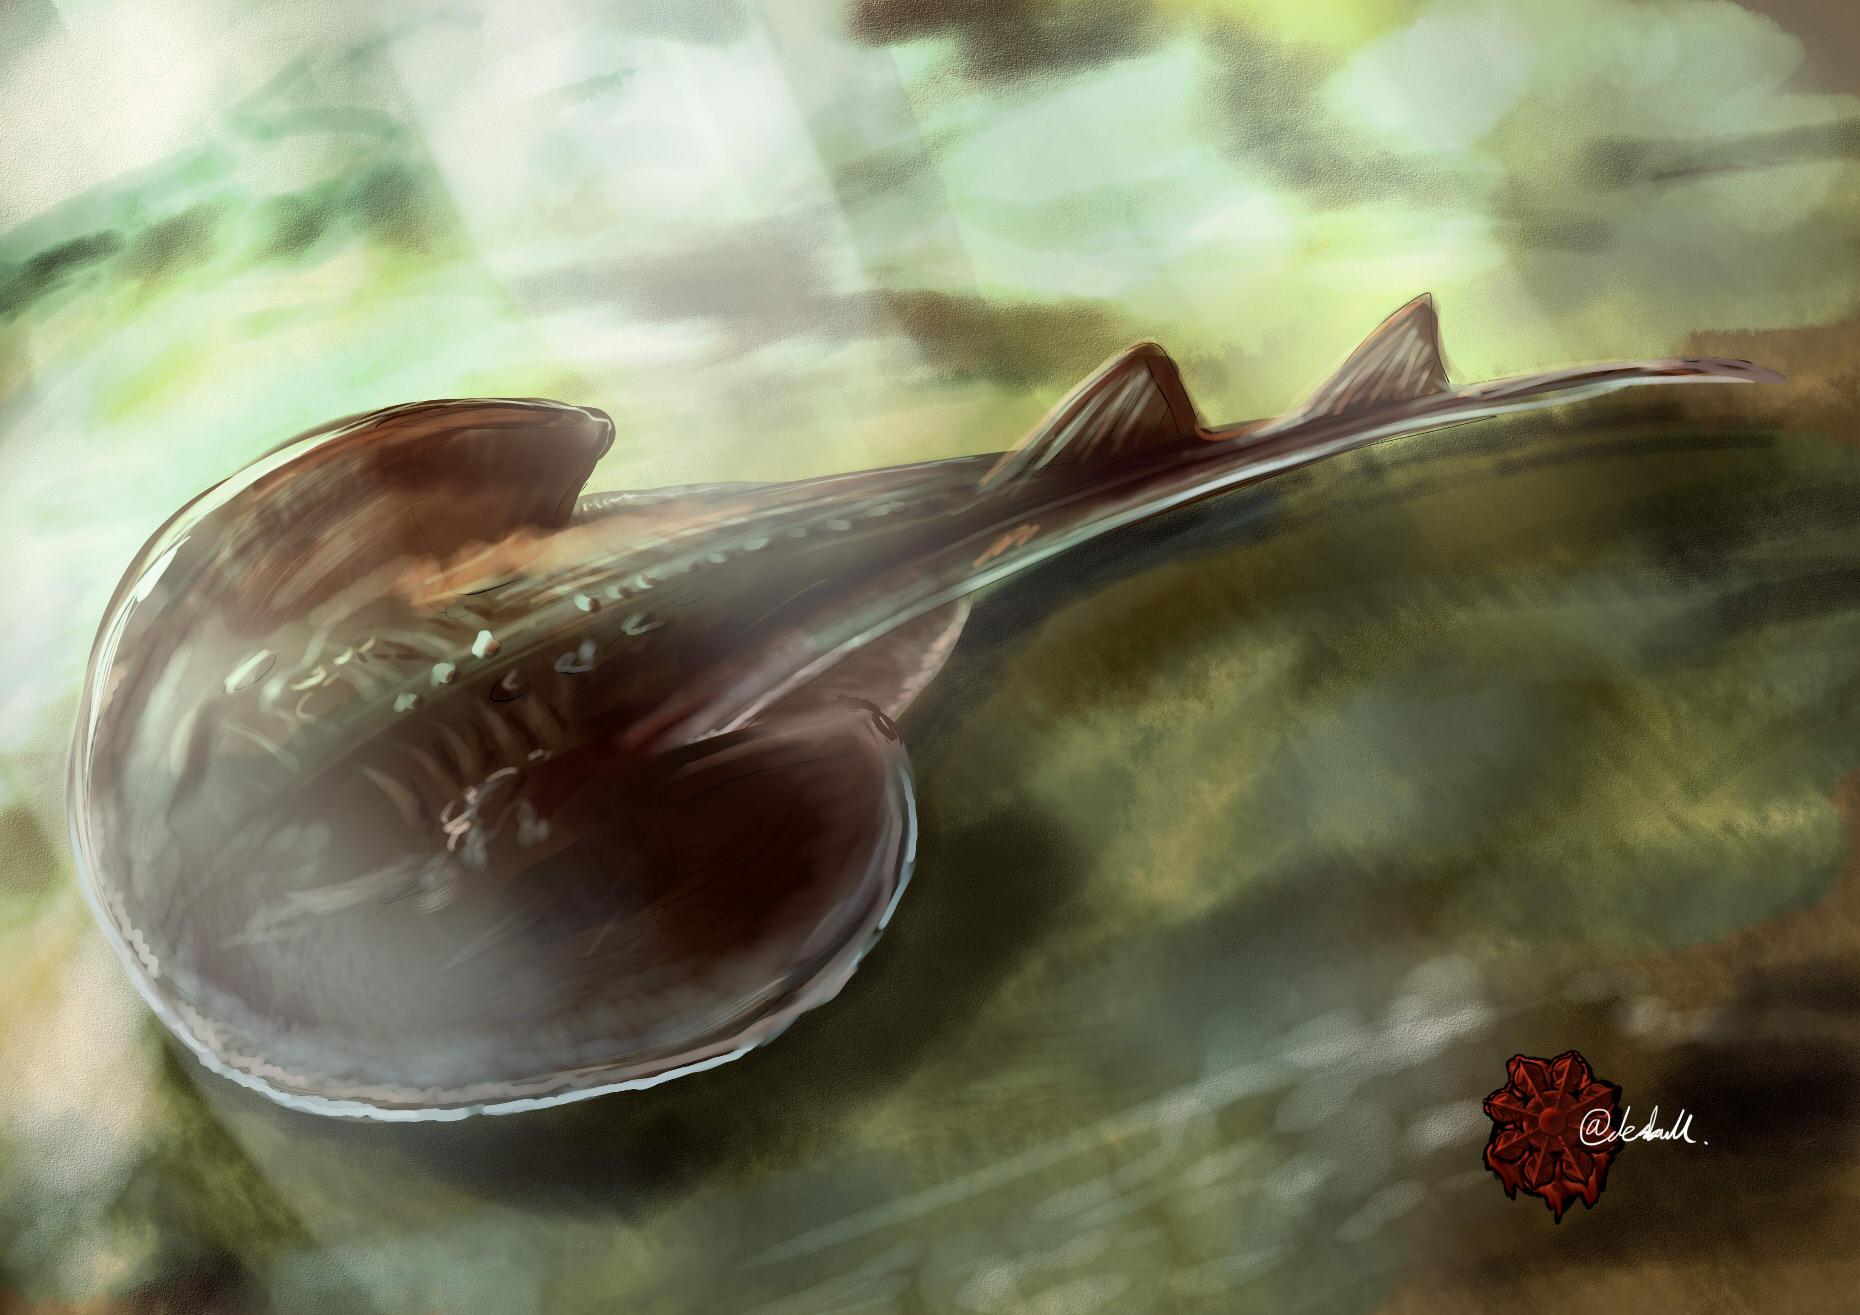 ウチワザメ